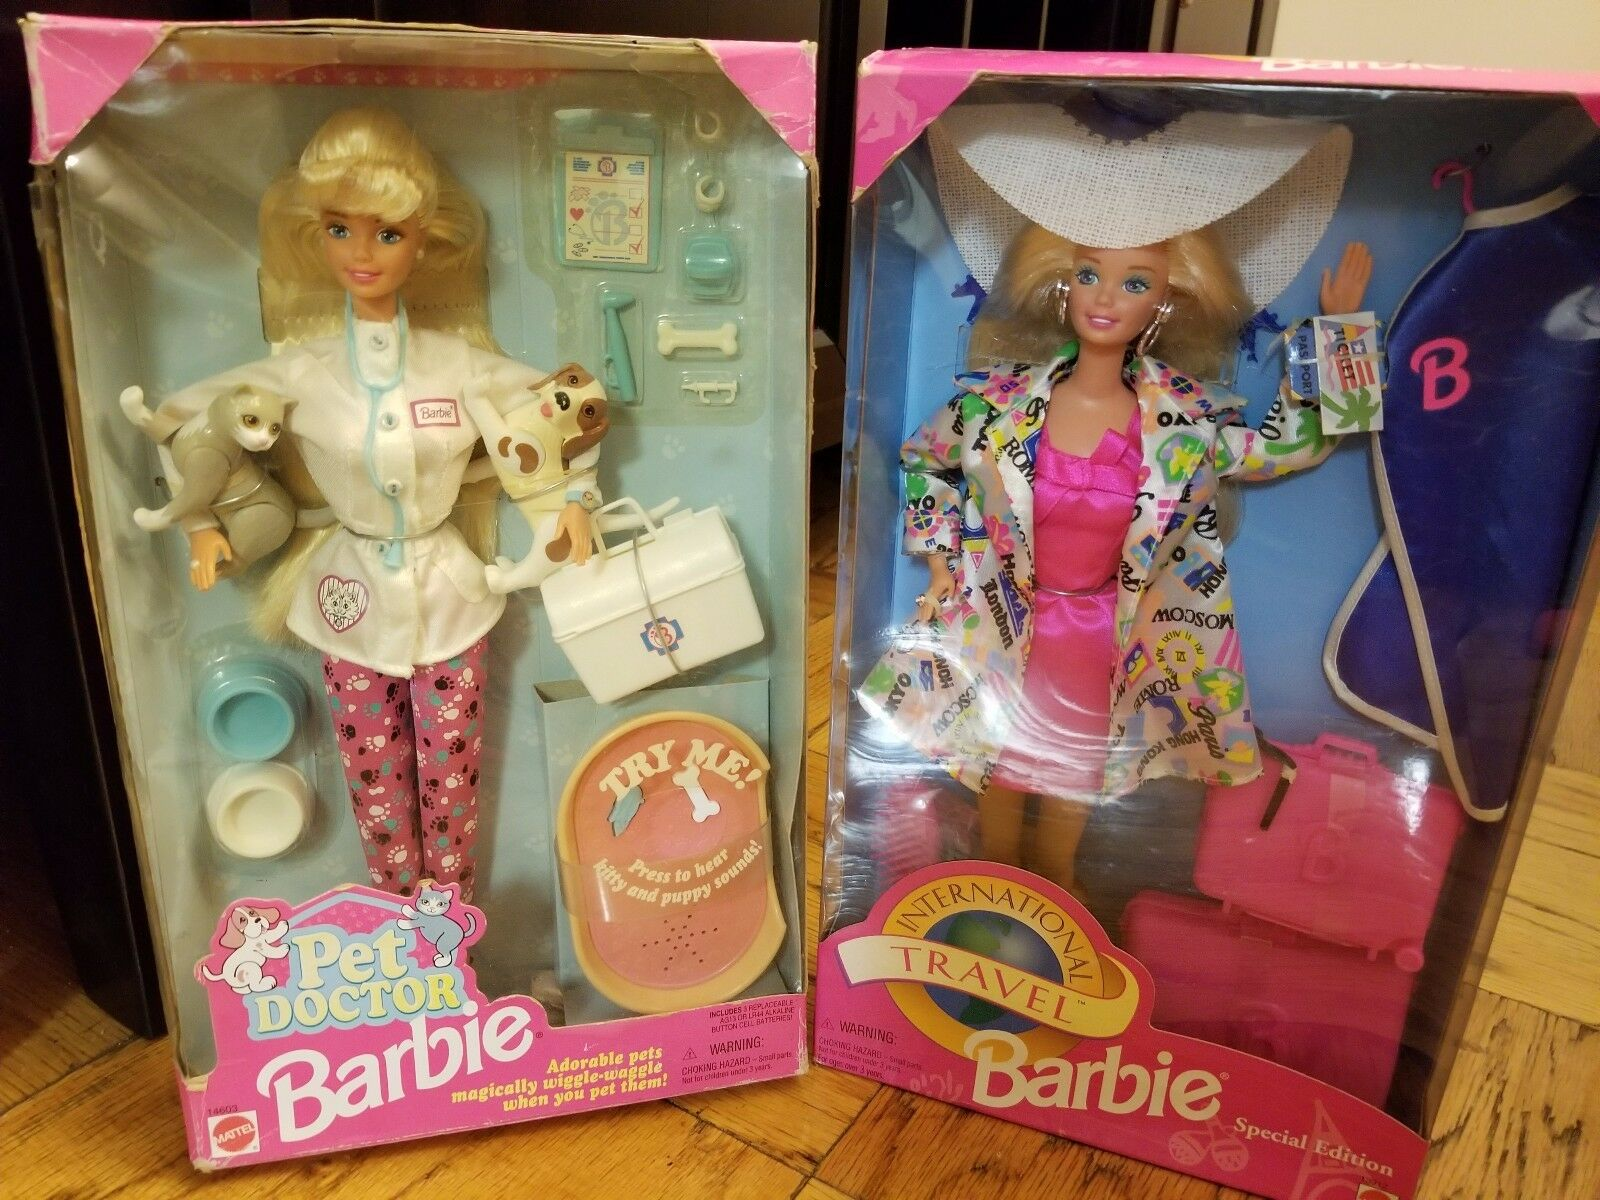 1996 médico de Mascotas Barbie y Barbie 1994 viajes internacionales SP. Ed.  Lote